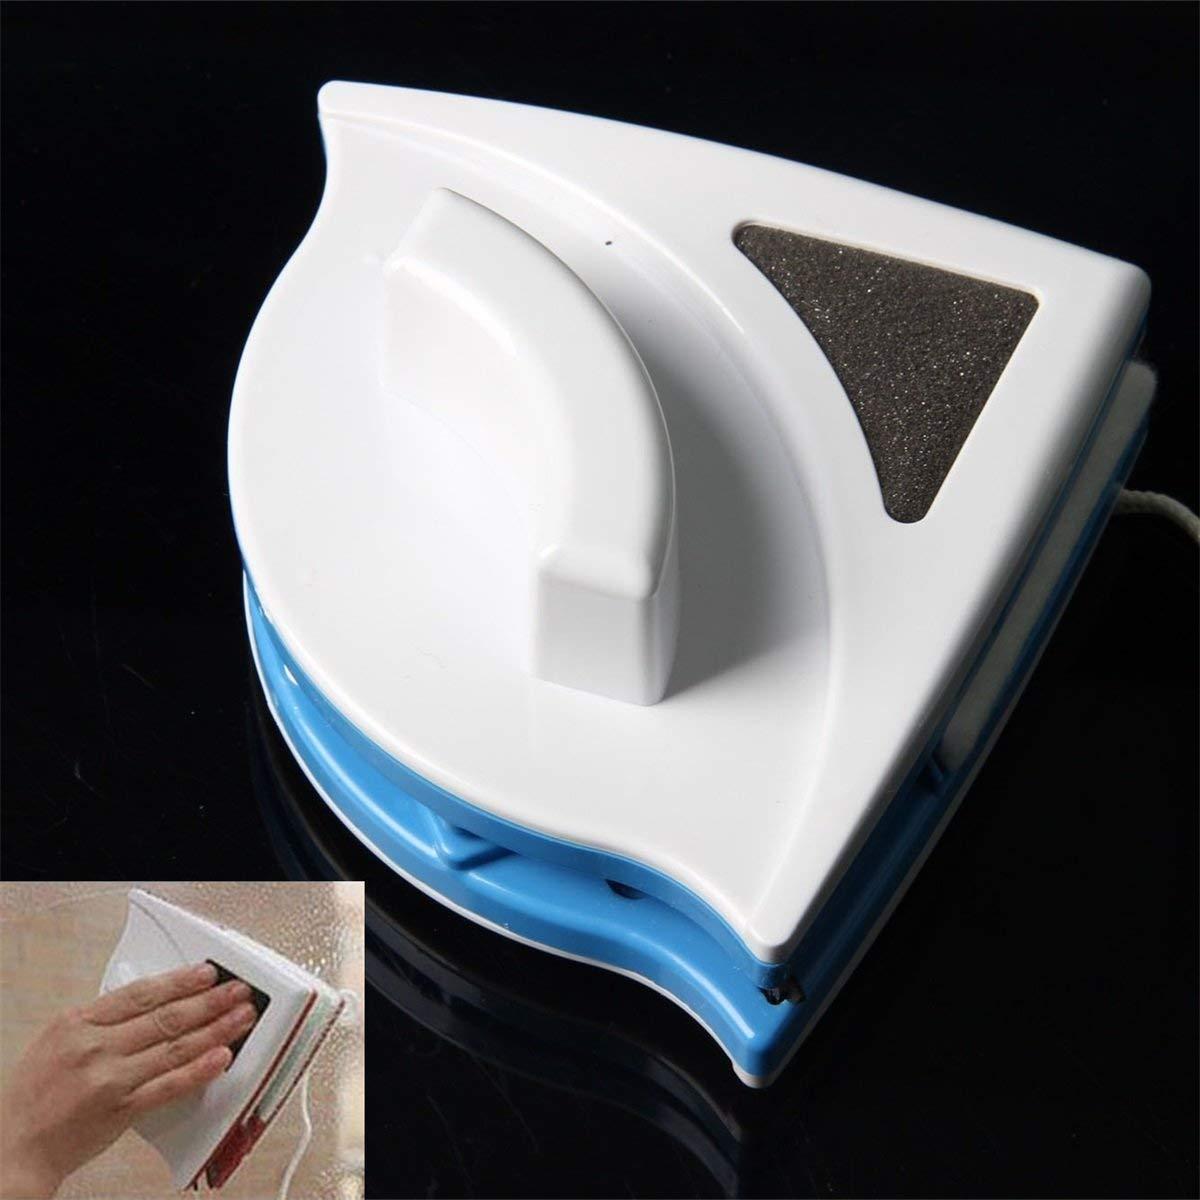 Limpiador para dos caras by ARTUROLUDWIG muy conveniente interior y exterior Limpiador de cepillos magn/ético para vidrios cristales y ventanas